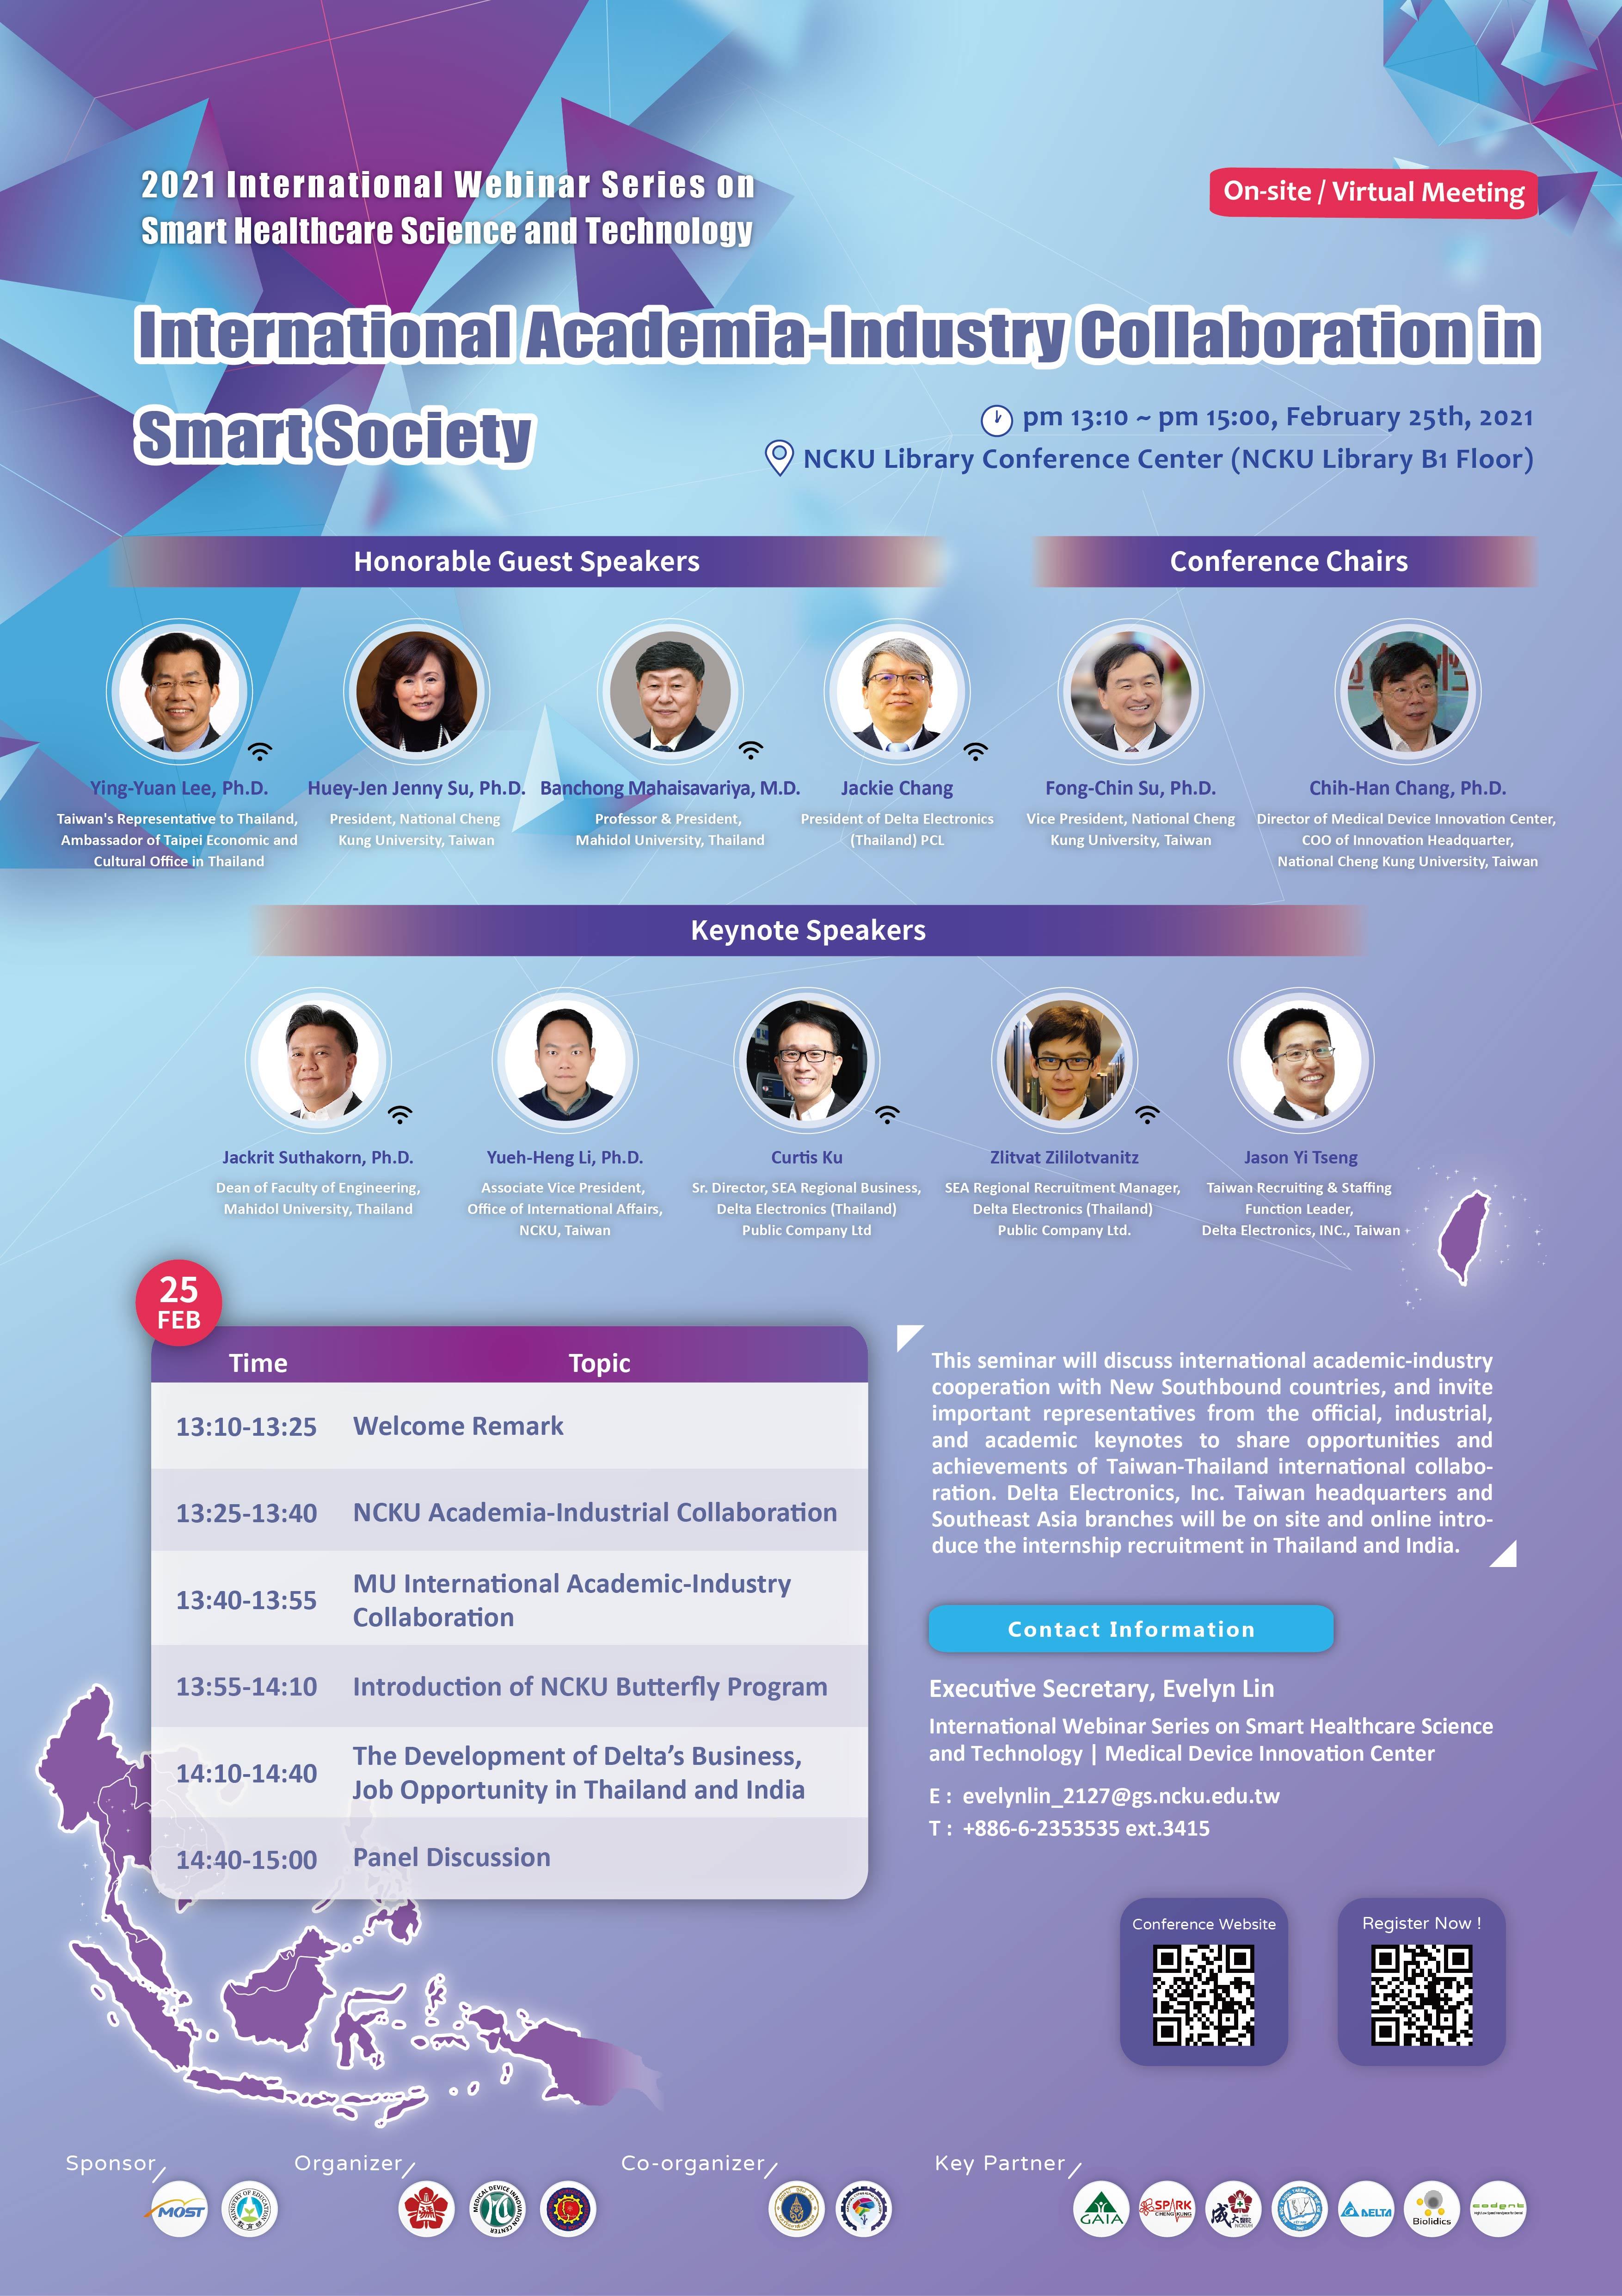 智慧醫療科技國際線上論壇的標題圖片